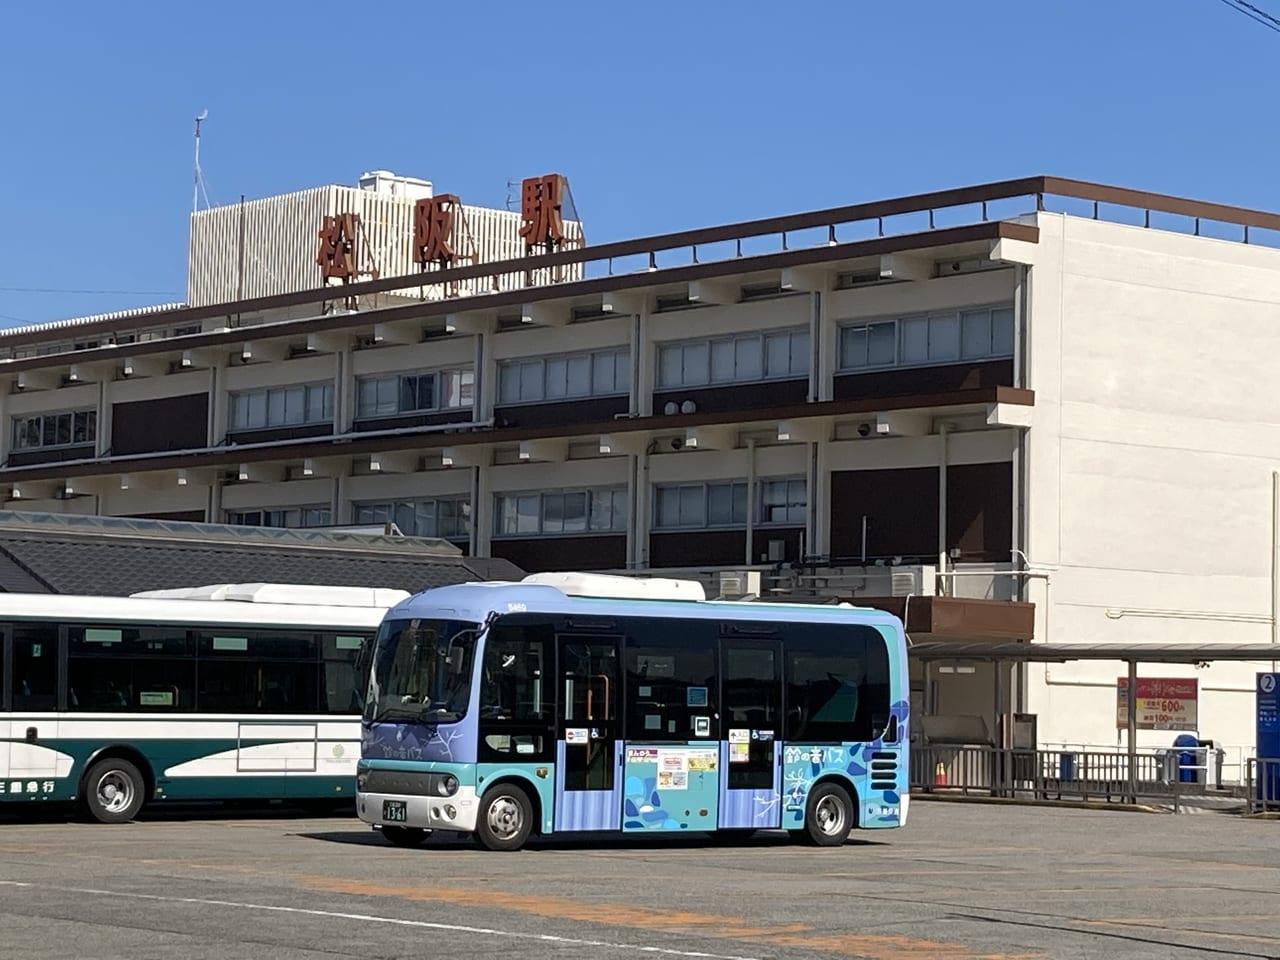 松阪駅ロータリーに停車する鈴の音バス抽選会チラシ